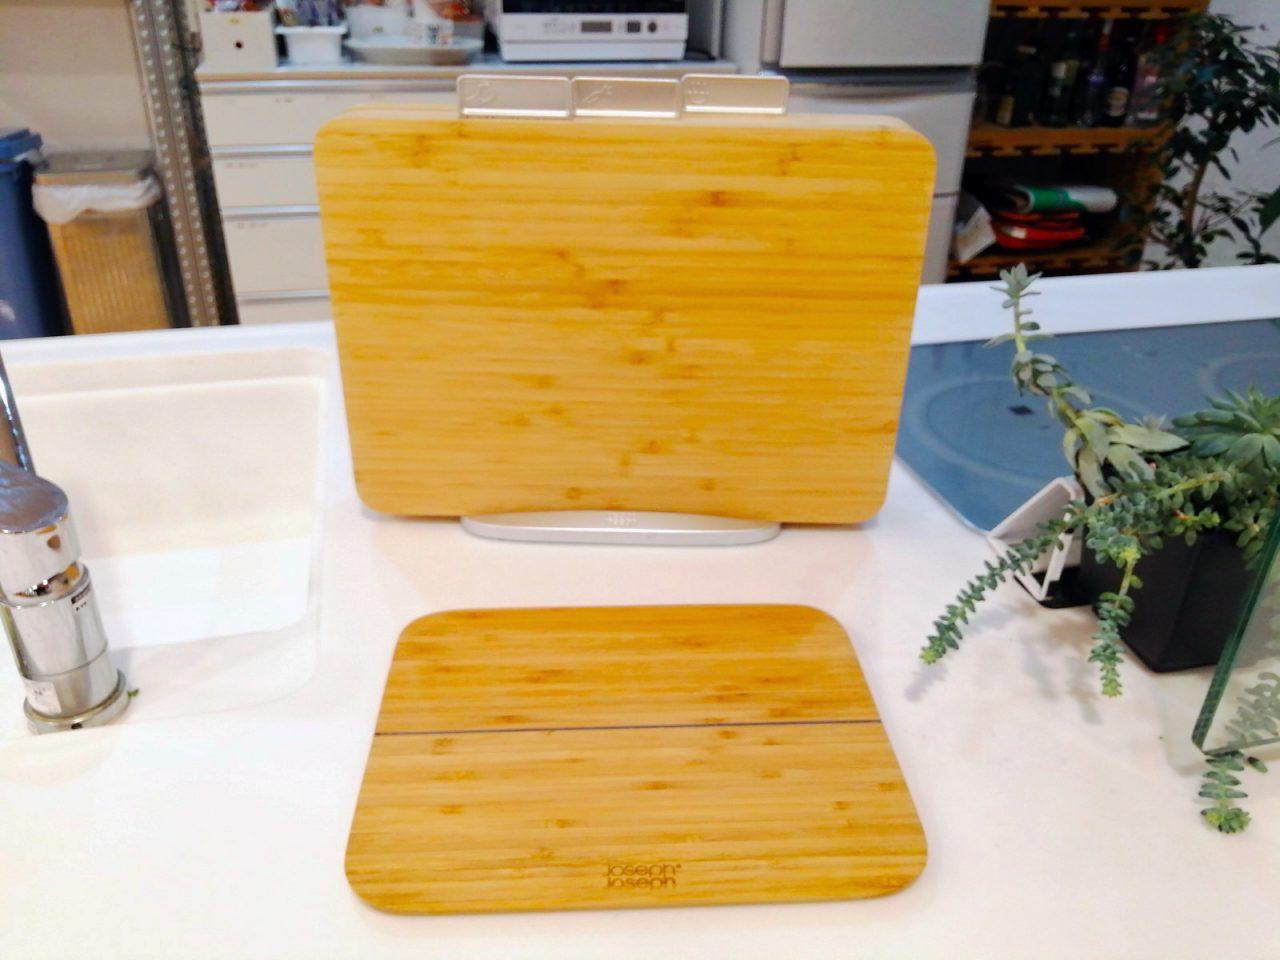 joseph joseph/ジョセフジョセフ 竹製のまな板